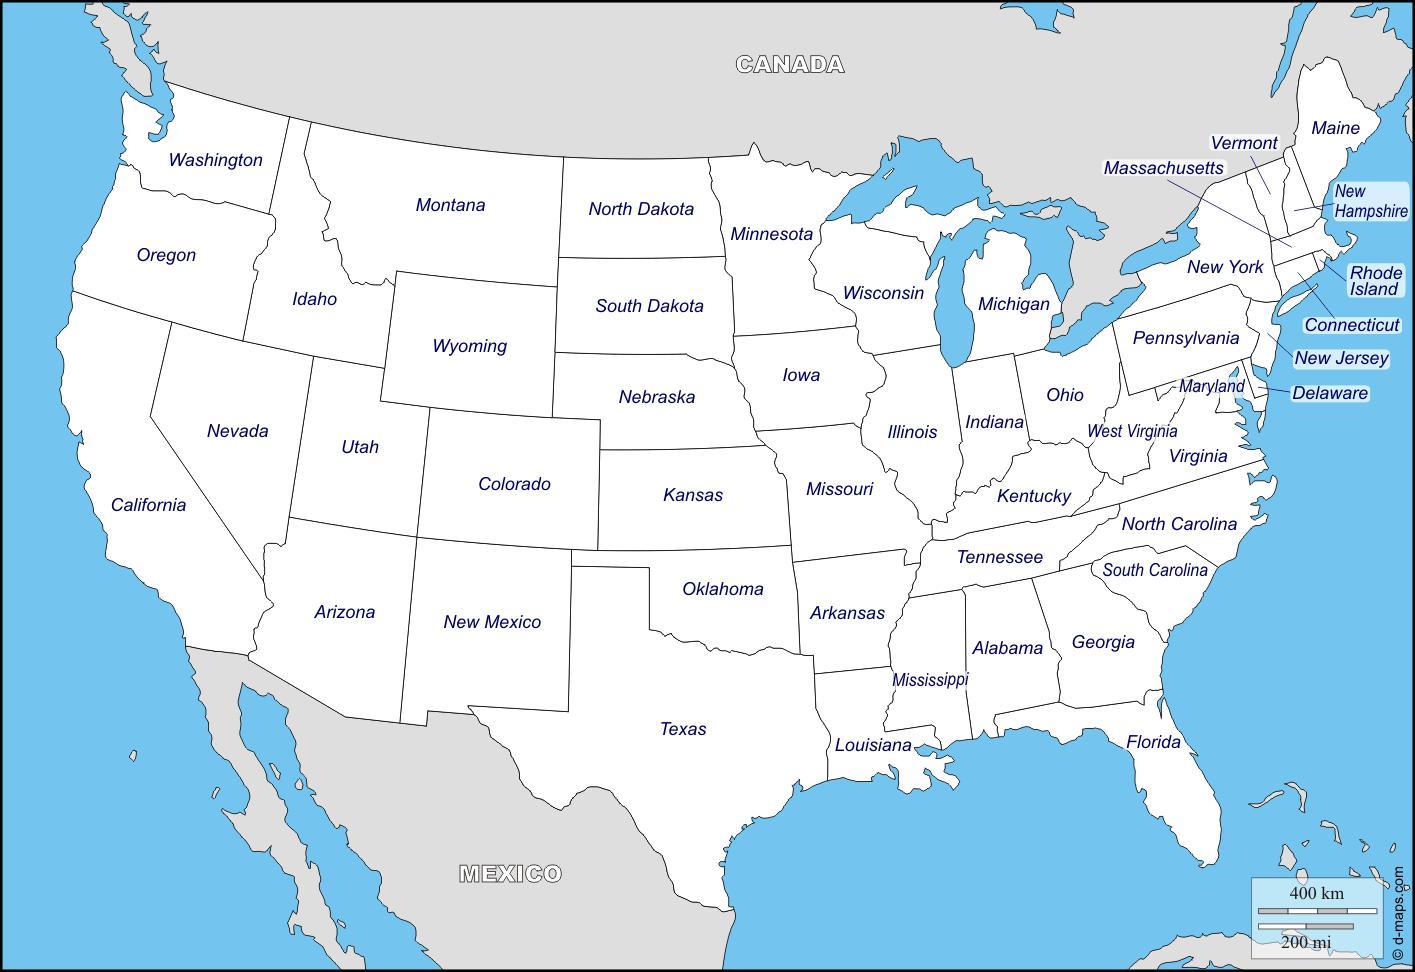 Kart Over Usa Med Navn Pa Stater Kart Over Usa Med Navn Pa